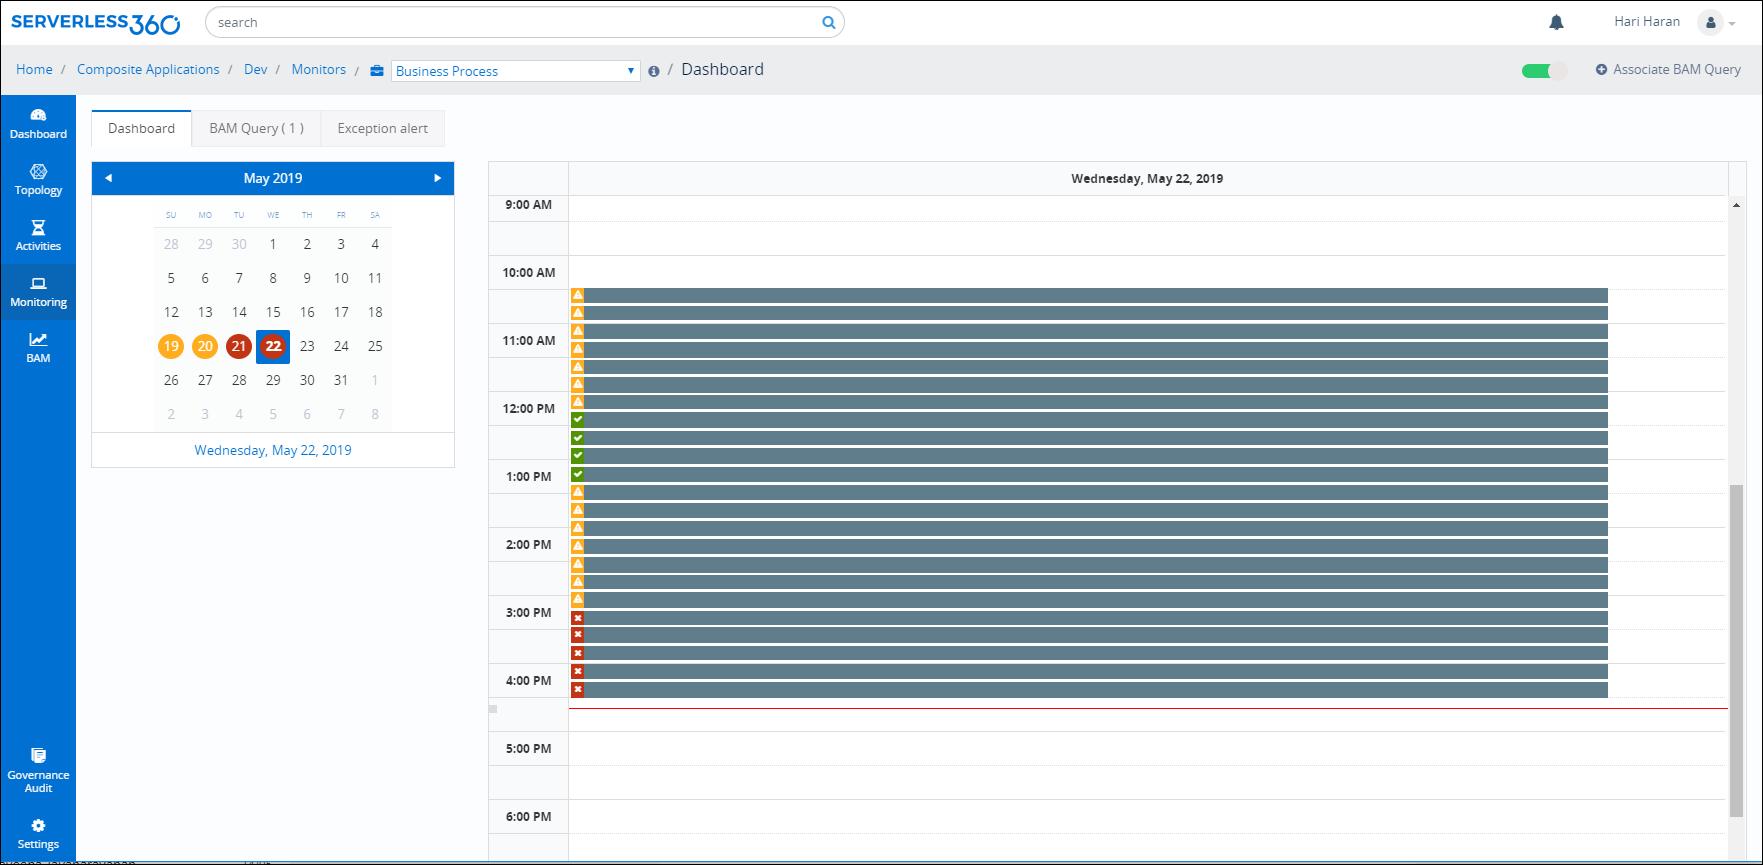 BAM - Query Monitoring dashboard